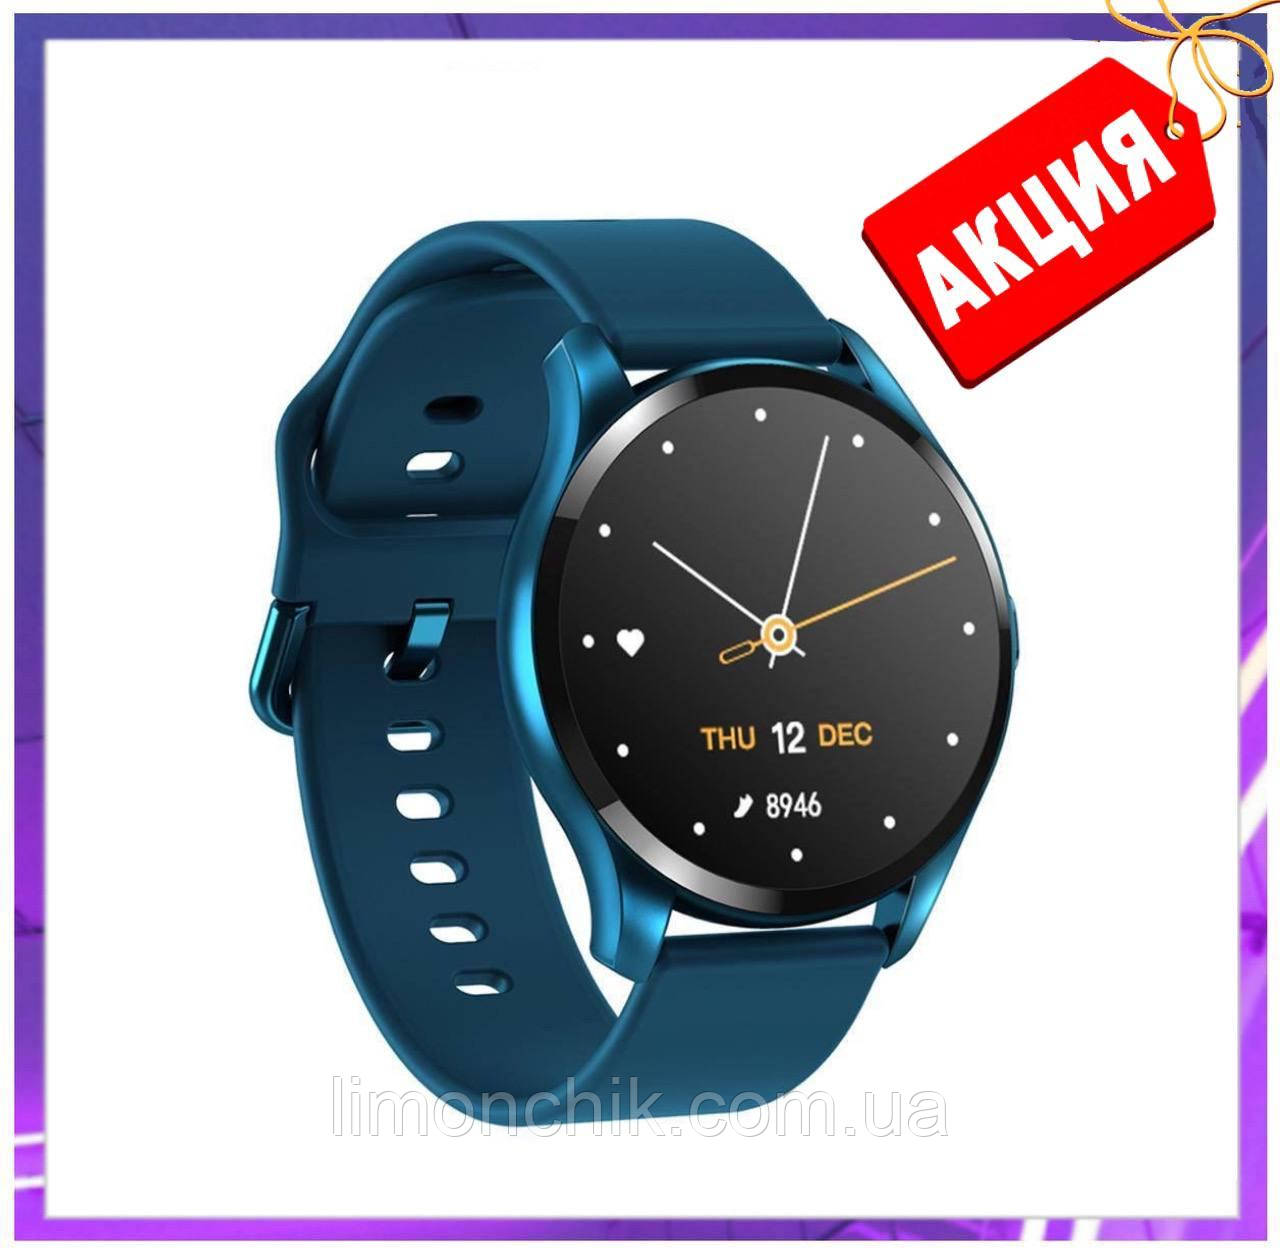 Смарт часы умные Smart Watch T88 с датчиком пульса и давления сенсорные наручные часы фитнесс-трекер унисекс